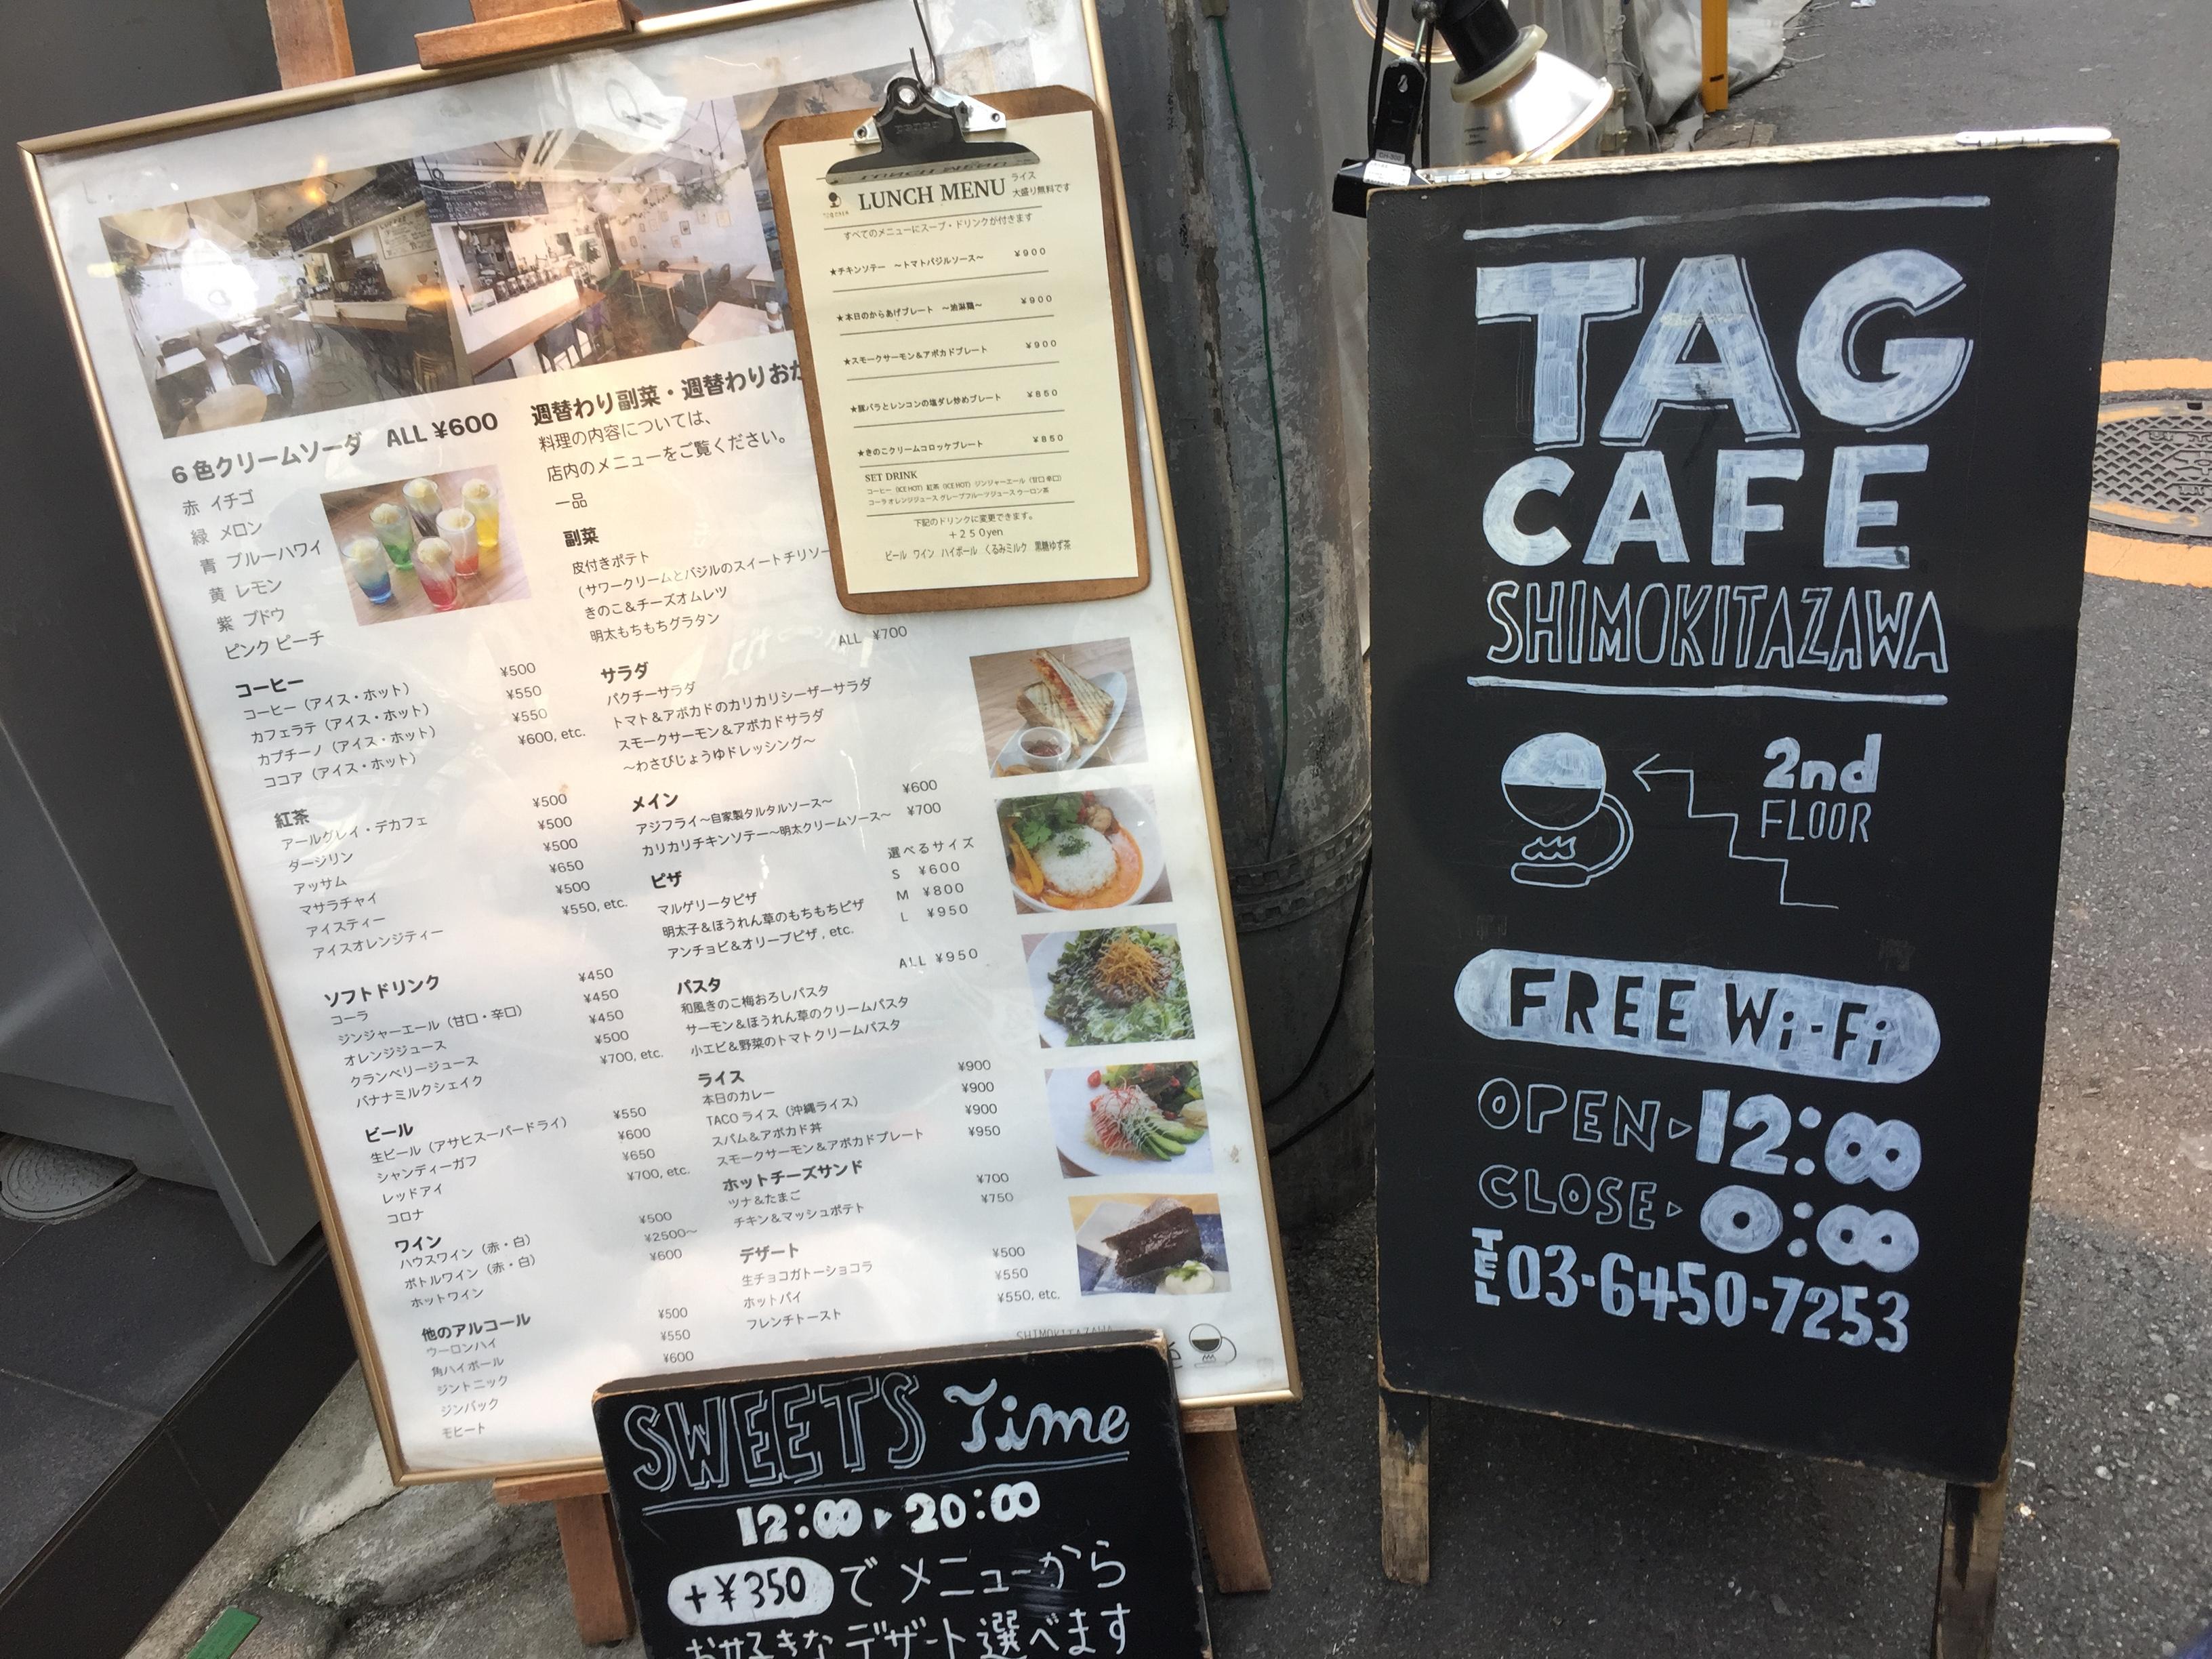 下北沢駅南口 電源カフェ tagcafe(タグカフェ)